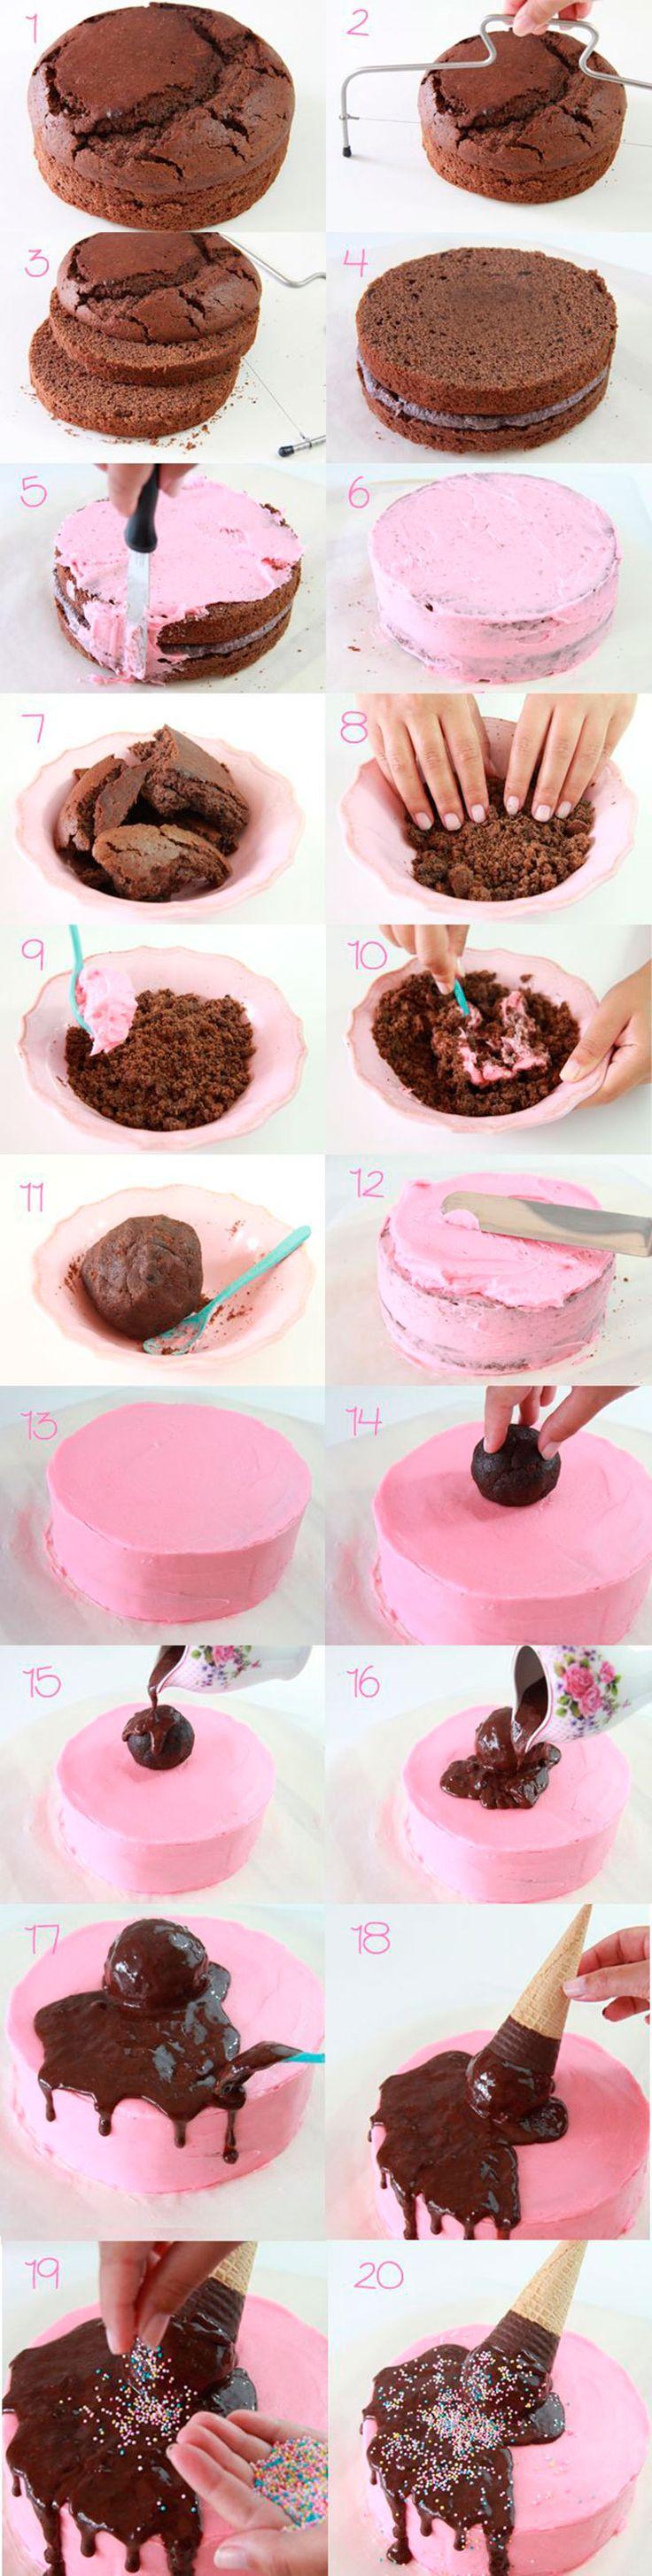 Montar bolo infantil 7                                                                                                                                                                                 Mais